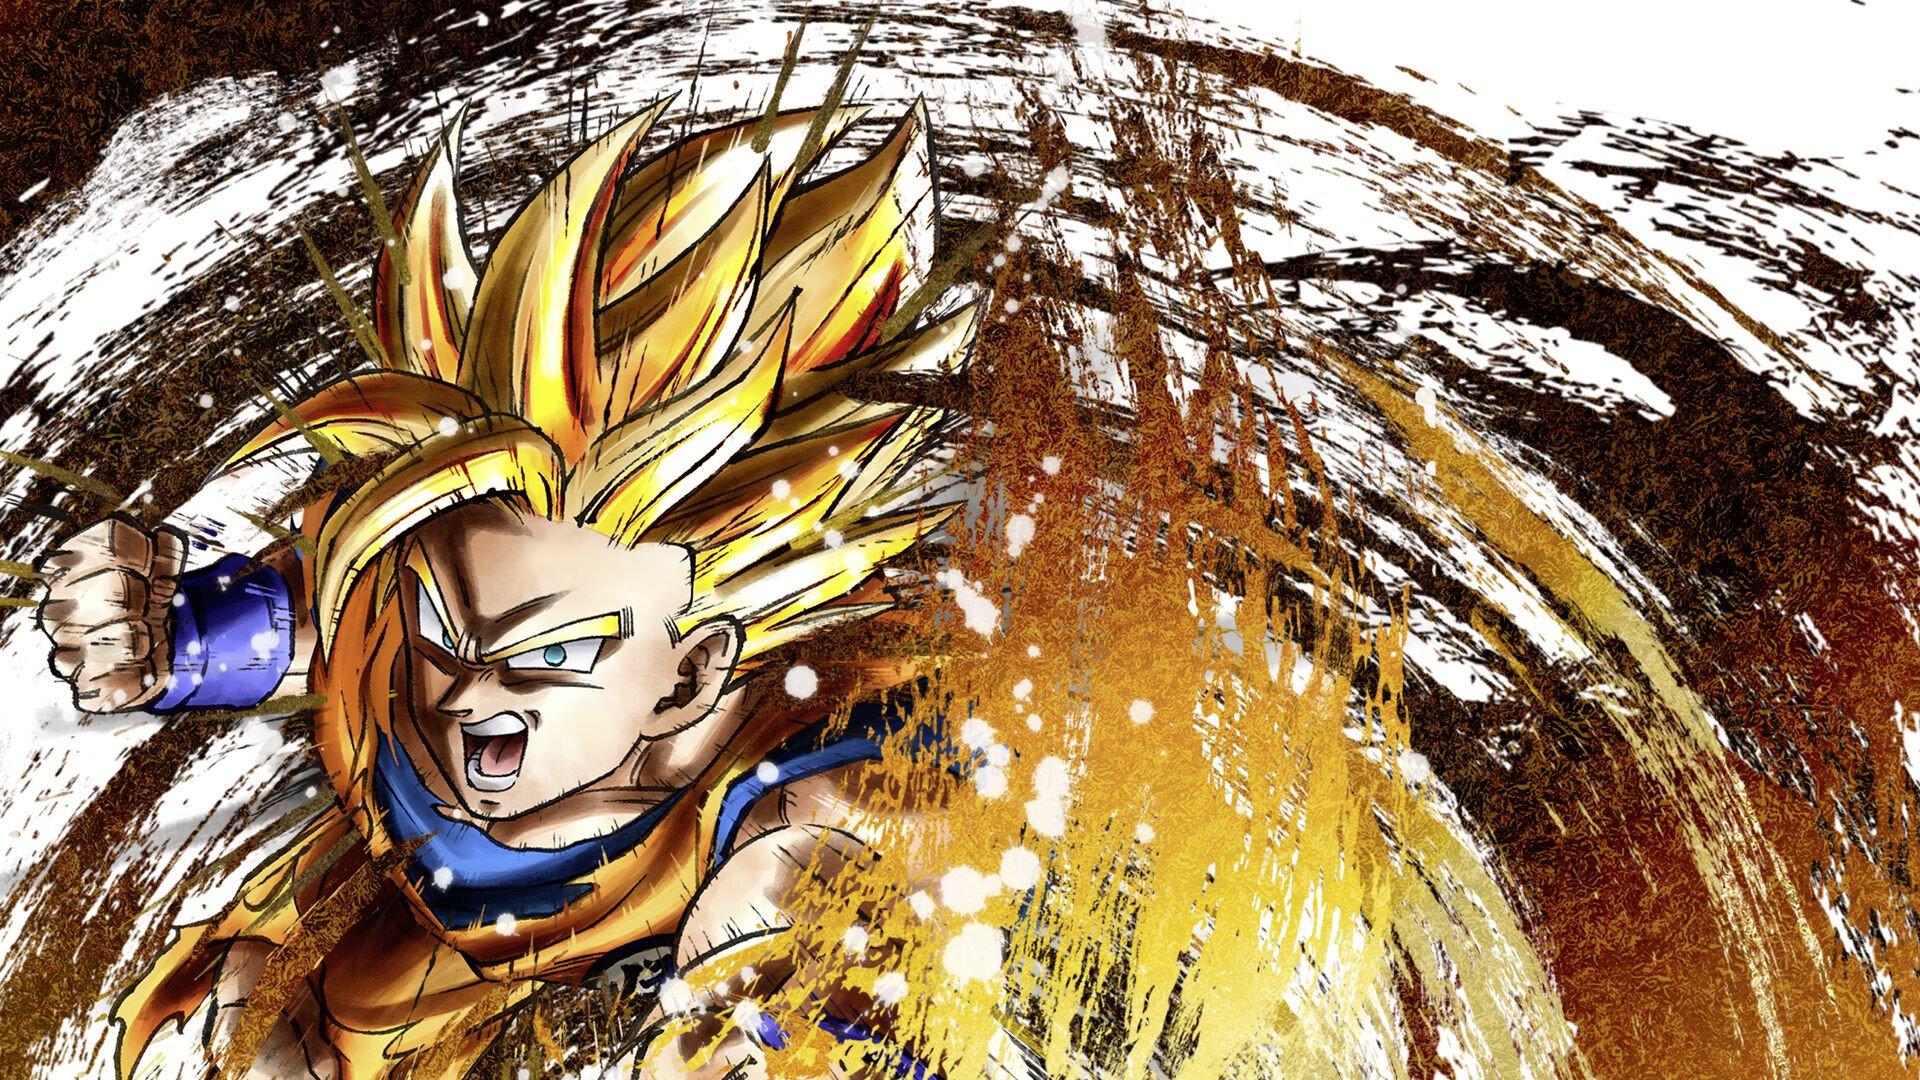 Aksiyonu sonuna kadar hissettiren 'en iyi dövüş oyunu' Dragon Ball FighterZ oldu.